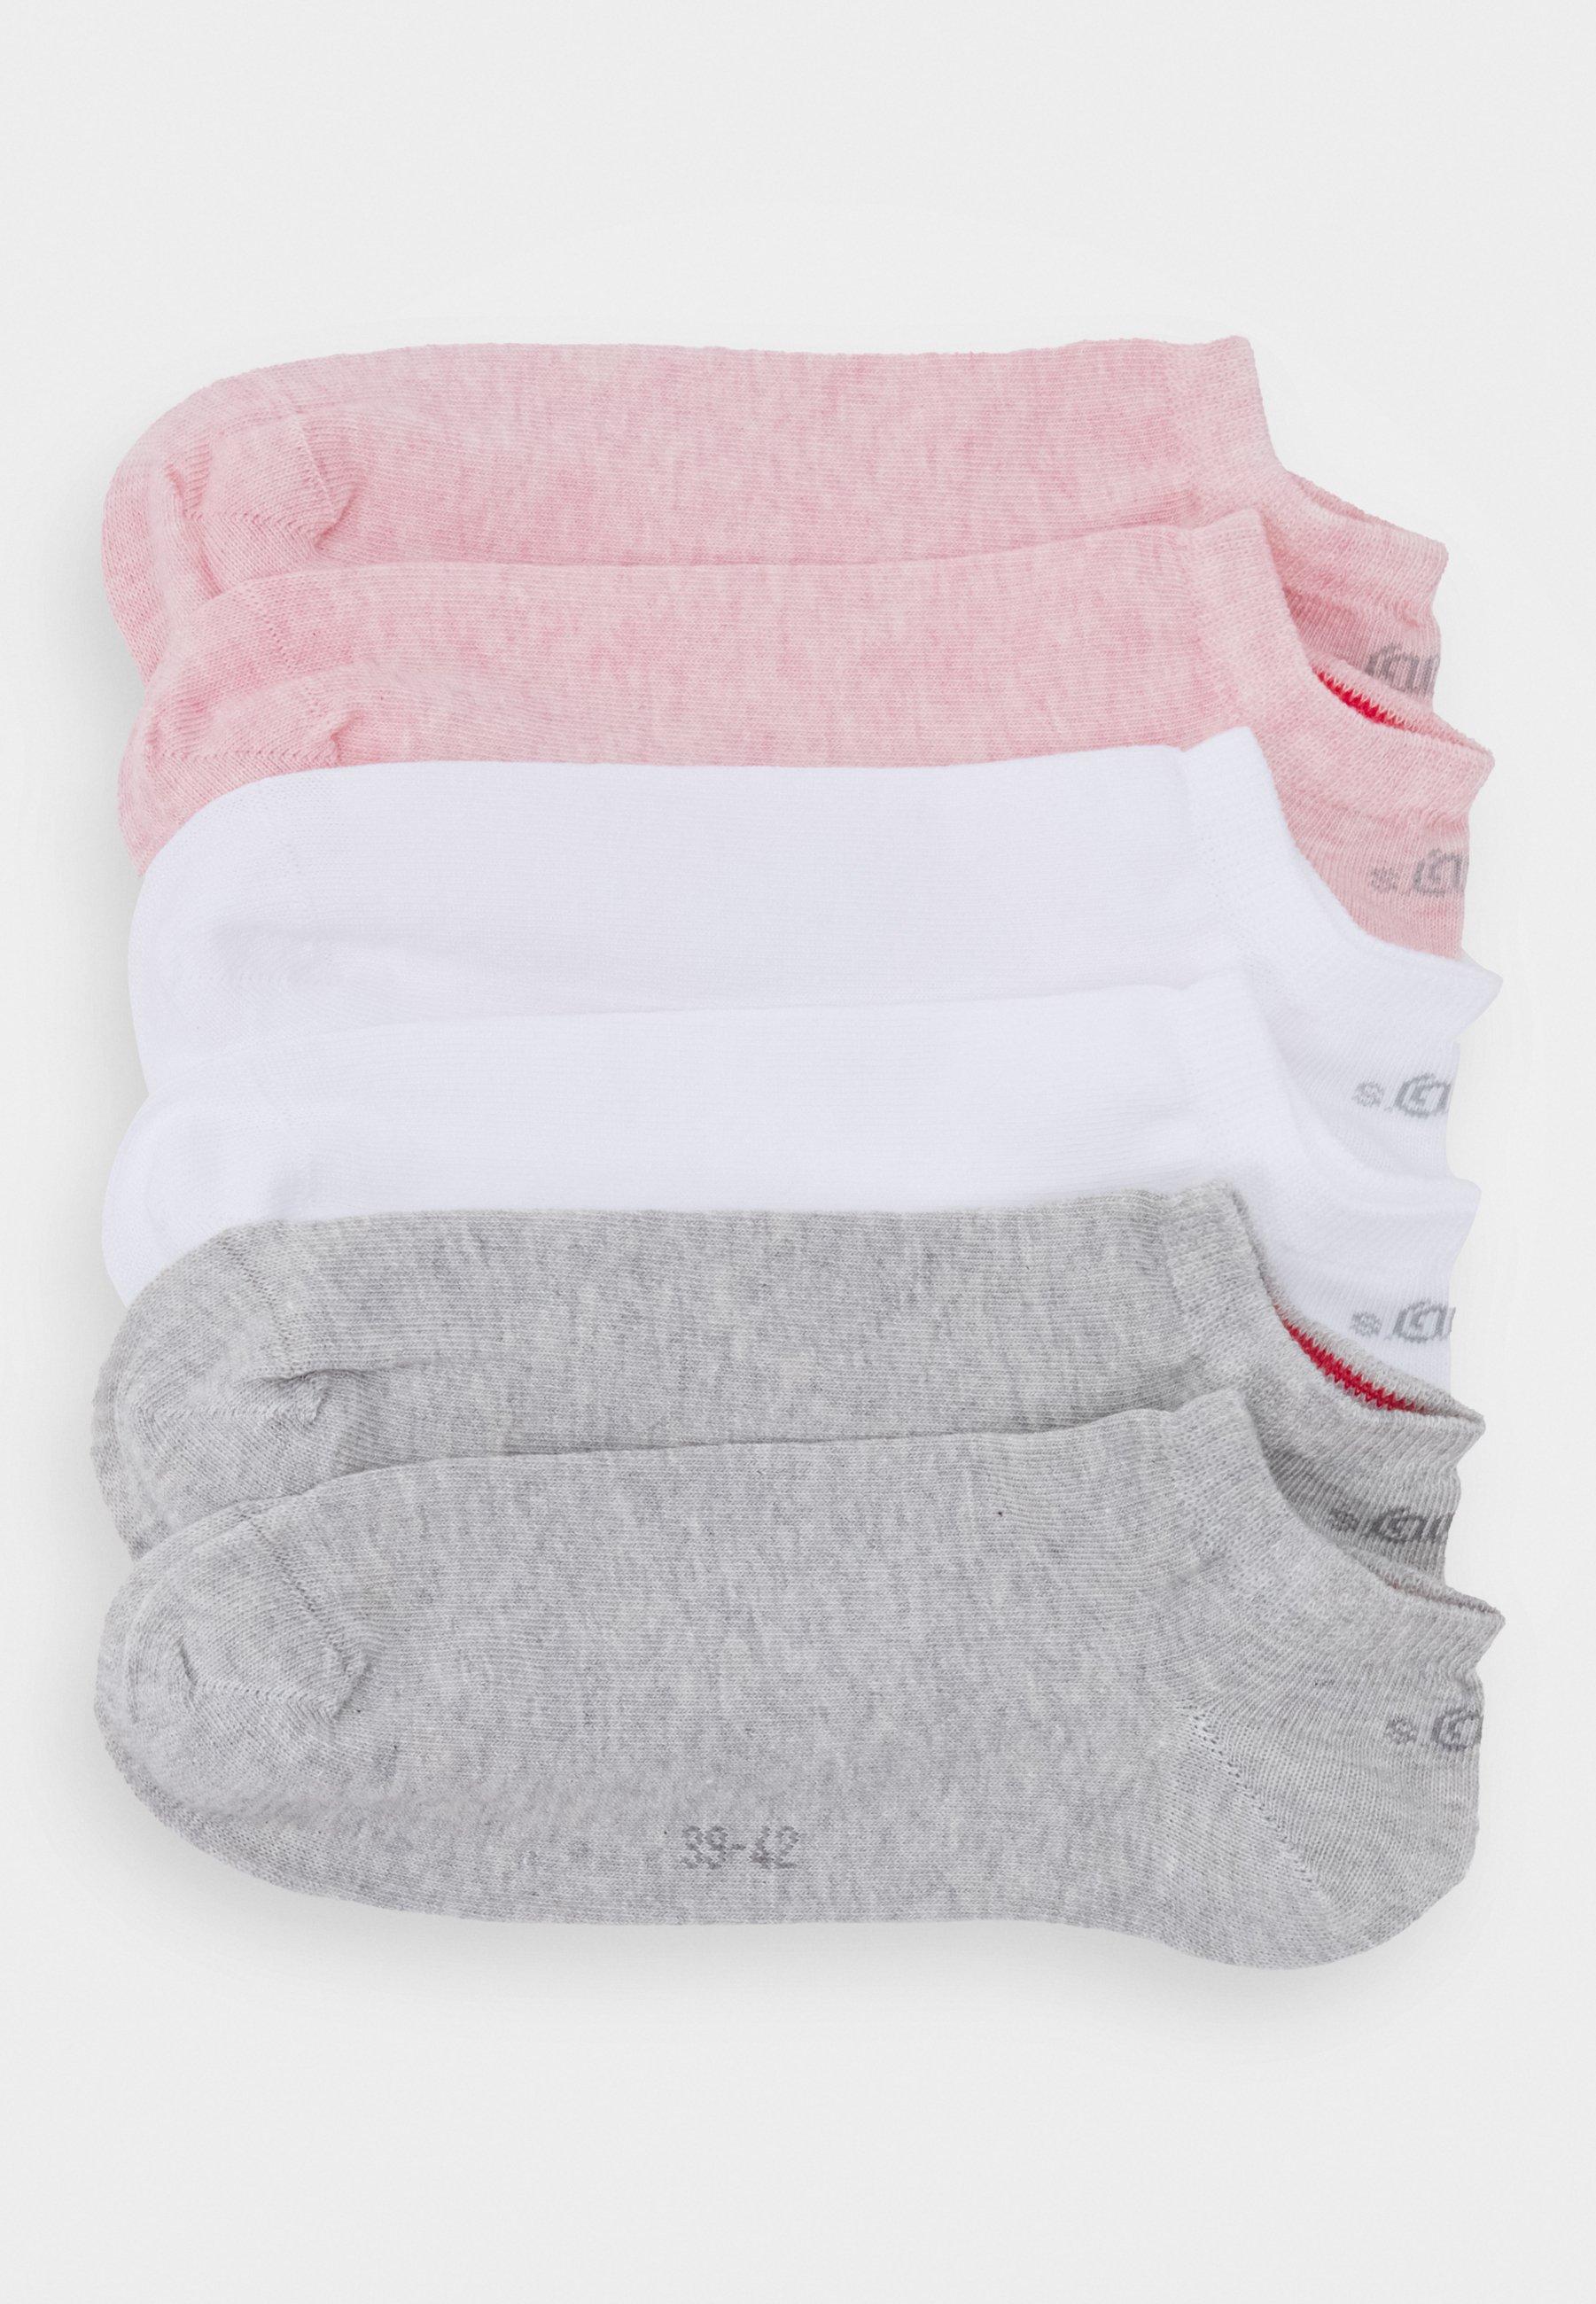 Men ONLINE ORIGINAL SNEAKER 6PACK UNISEX - Trainer socks